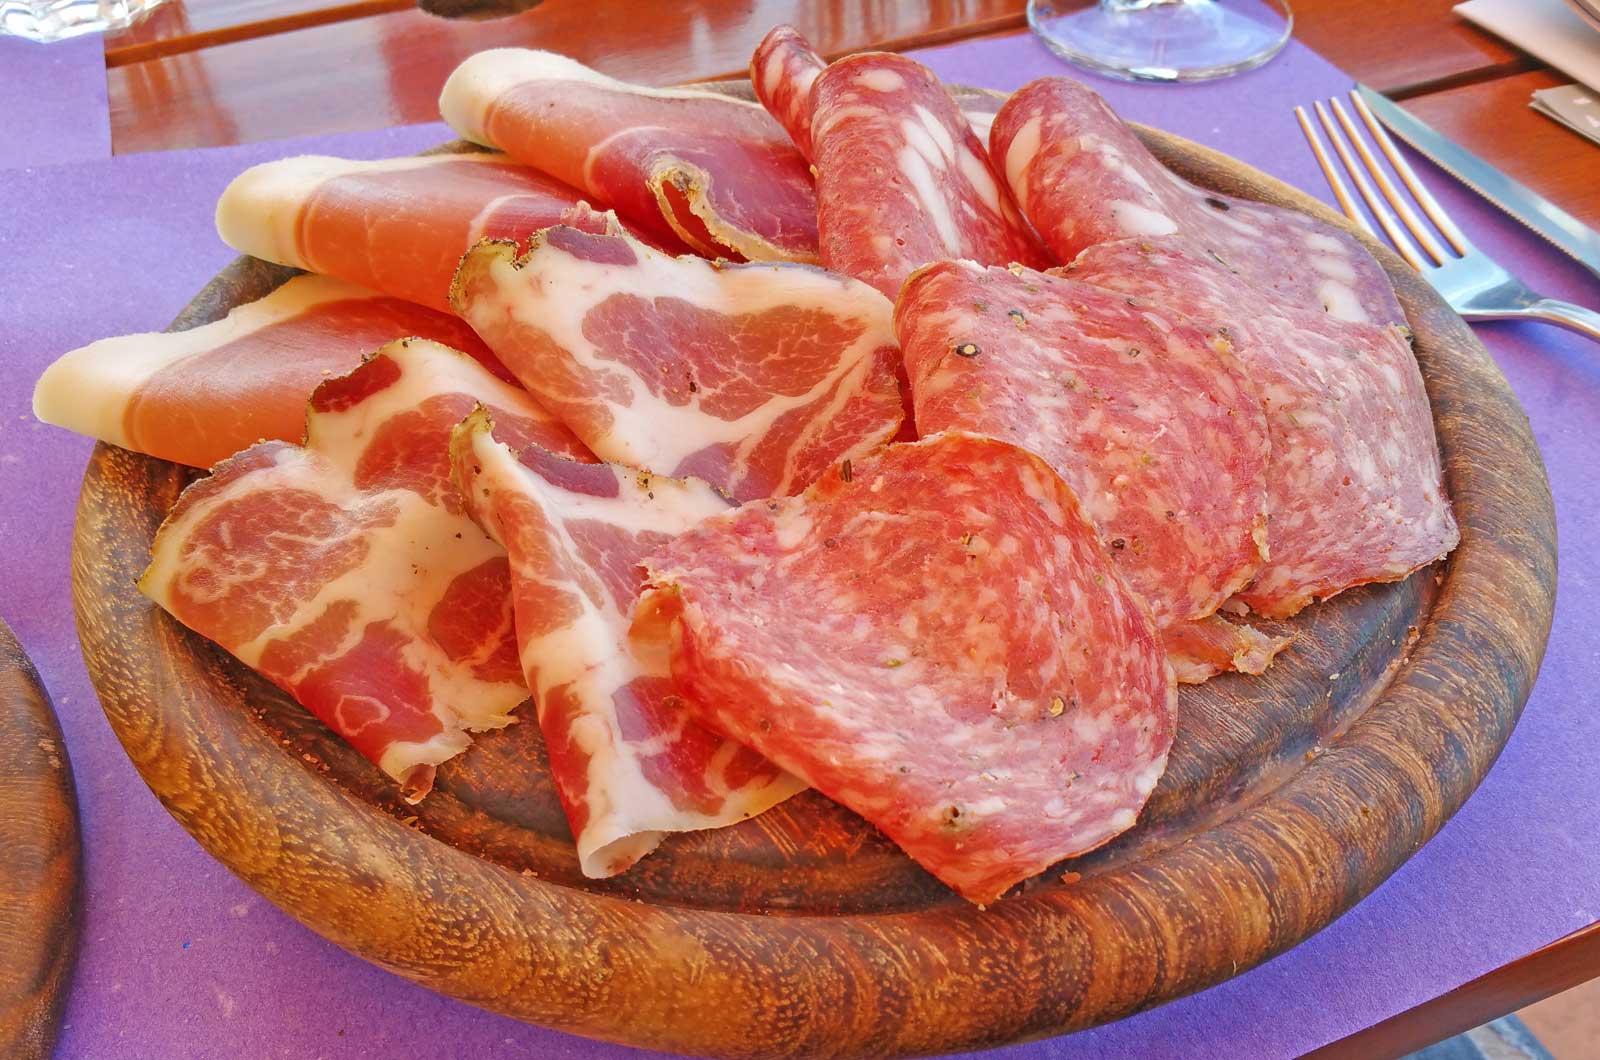 Najsłynniejsze dania kuchni toskańskiej. Co zjeść w Toskanii? Kuchnia Toskanii.